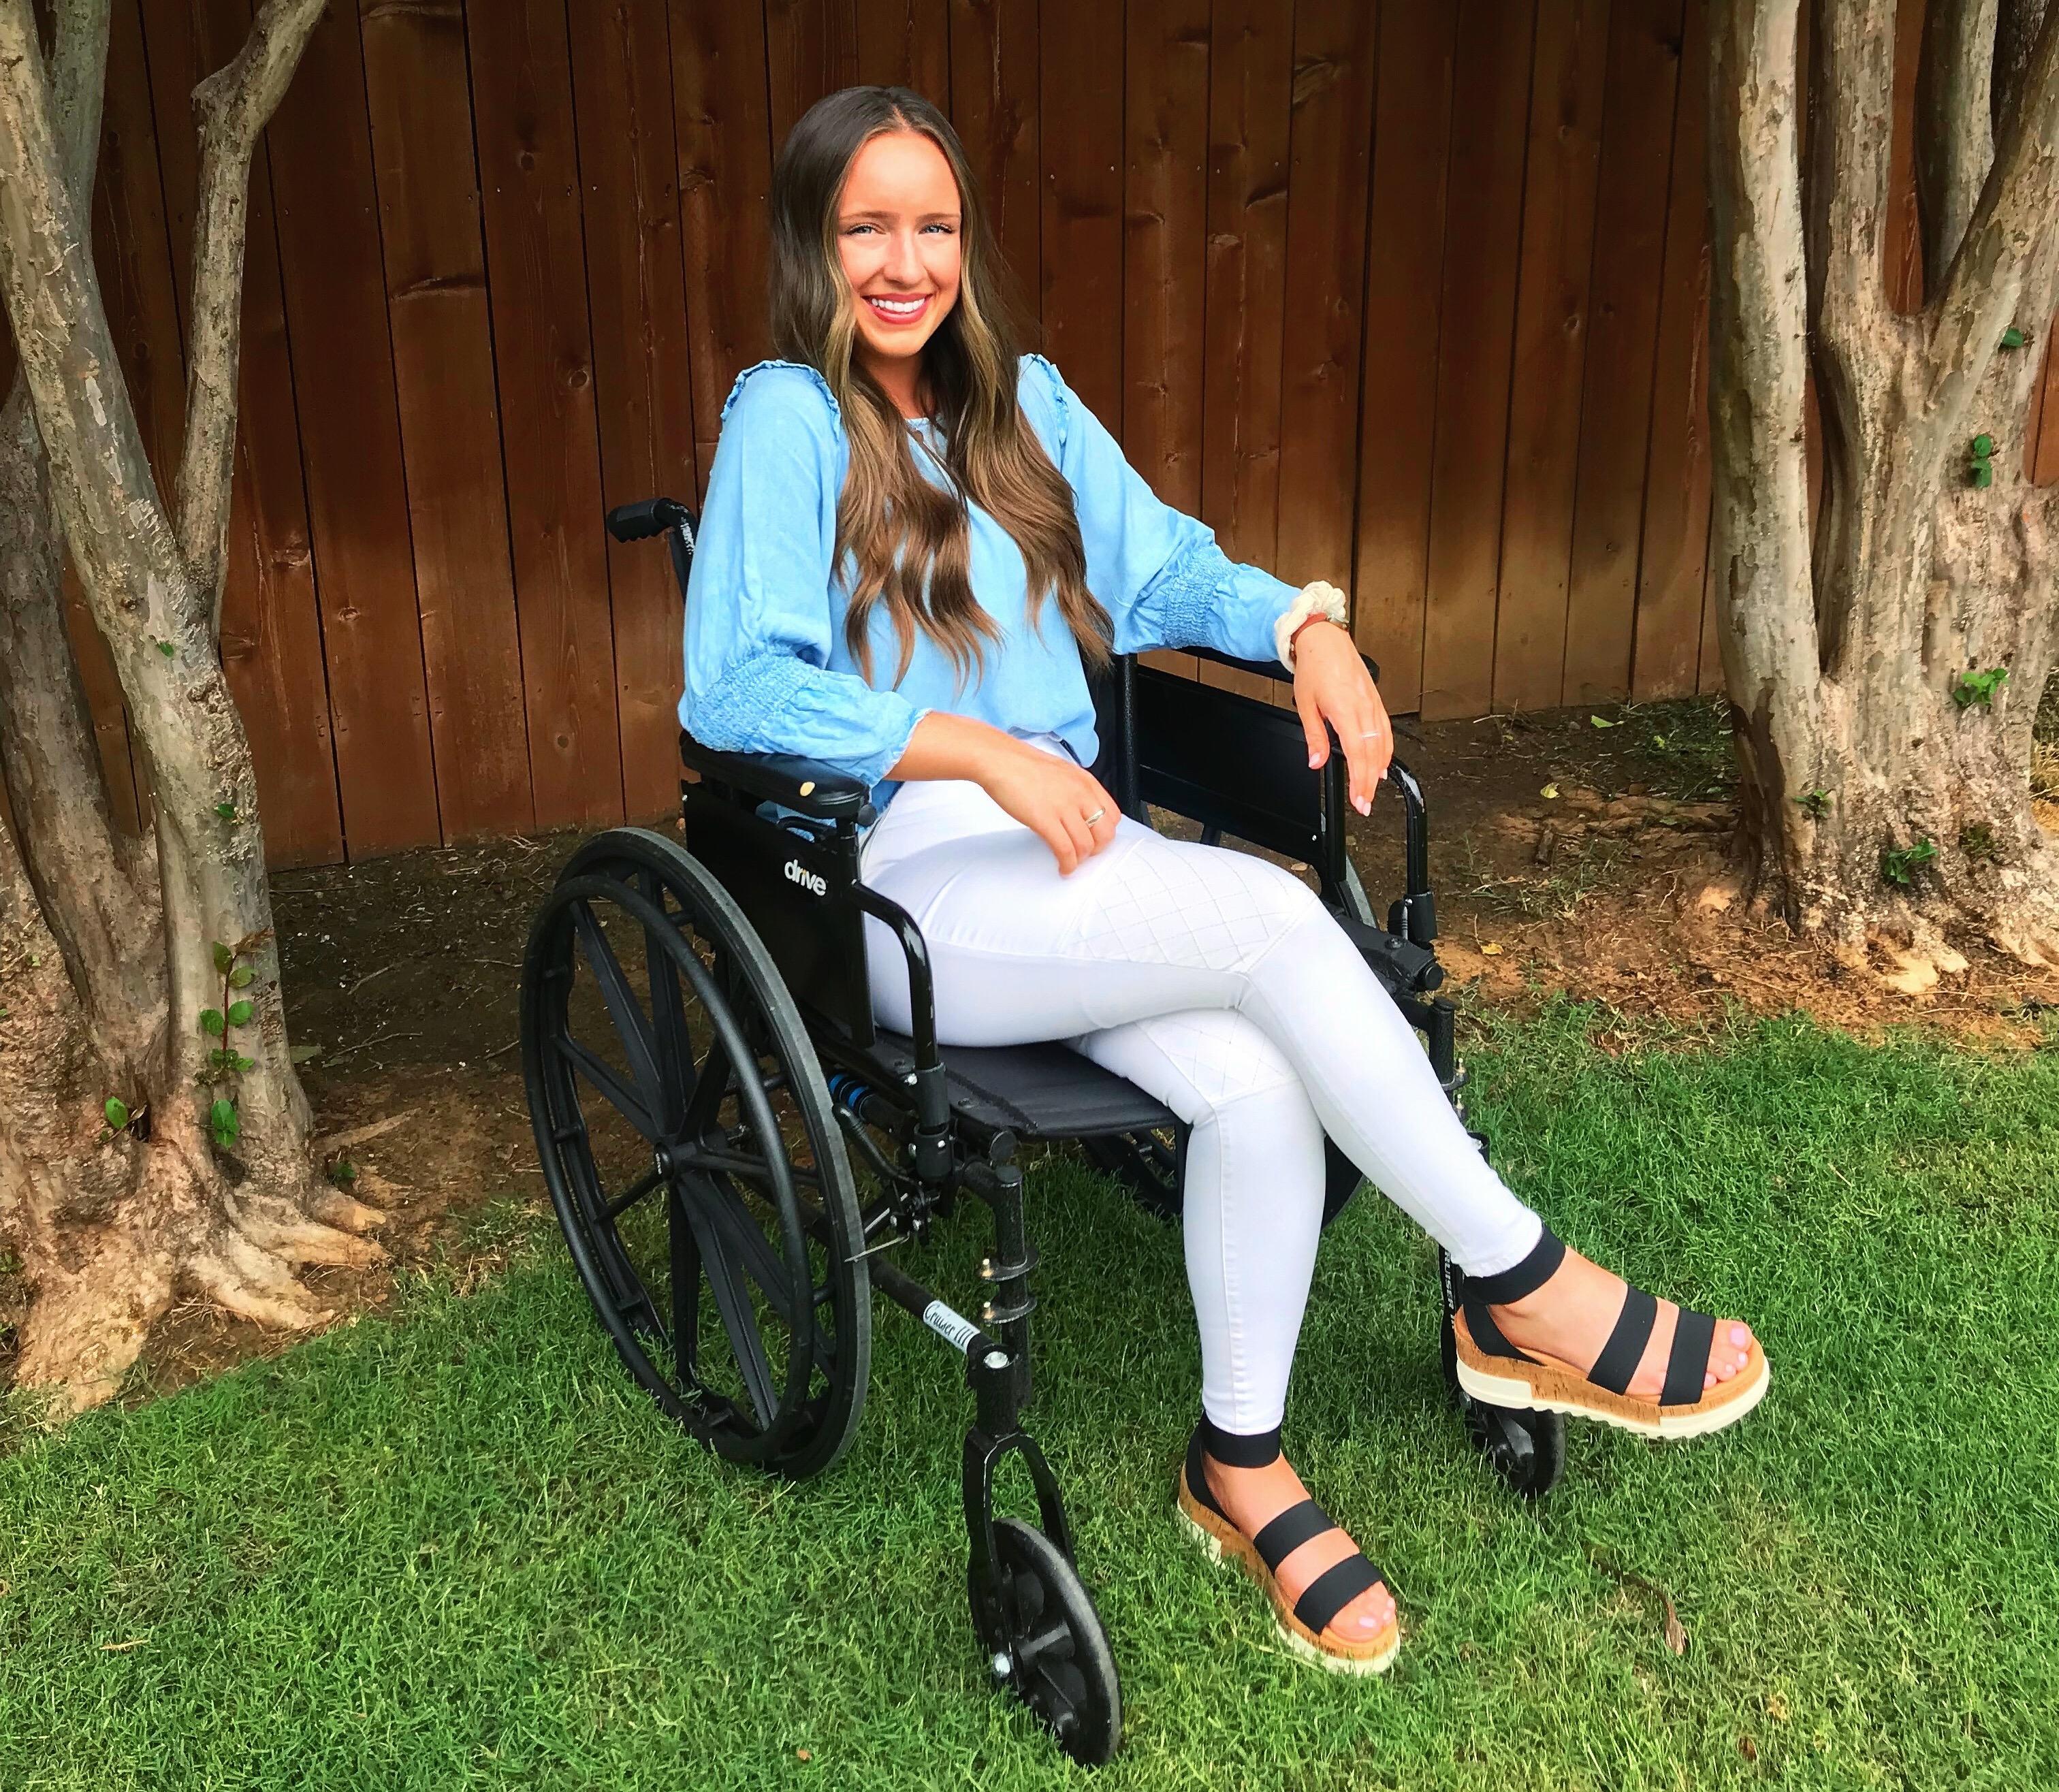 Monique McDown numa cadeira de rodas, após acidente que a deixou paralítica quando servia uma missão de tempo integral no Brasil.